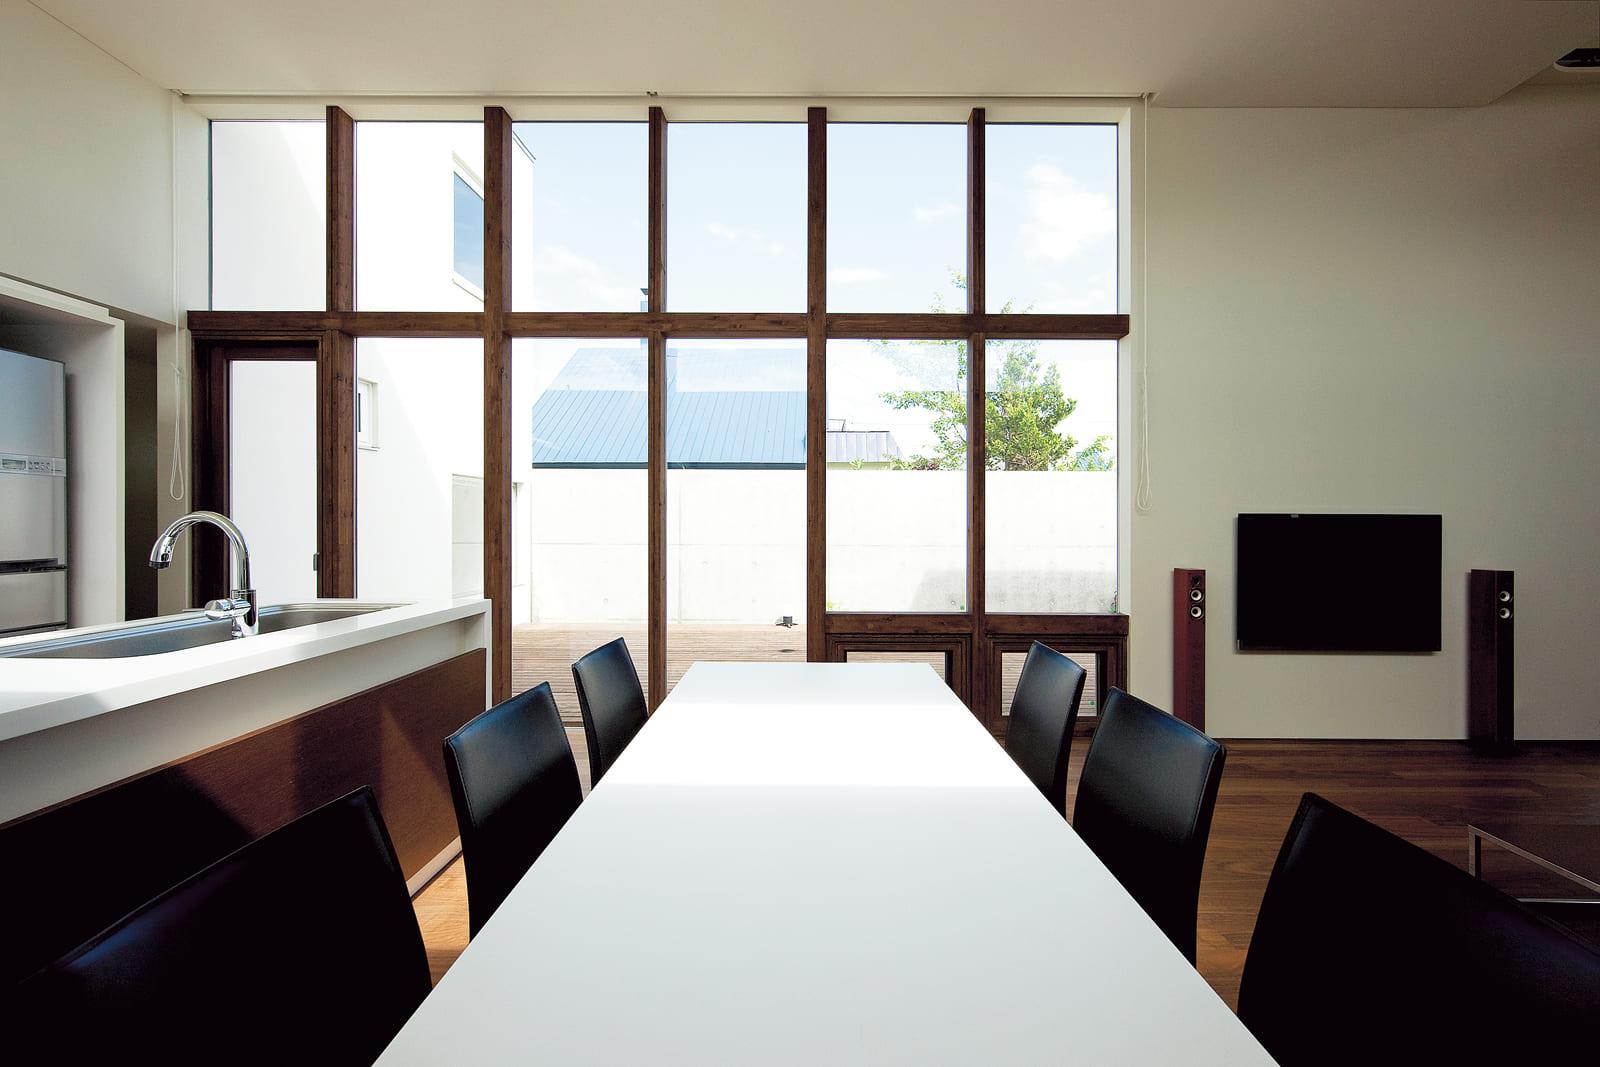 コートをガラスの大開口から一望できるダイニング・キッチンは、明るく開放感たっぶり